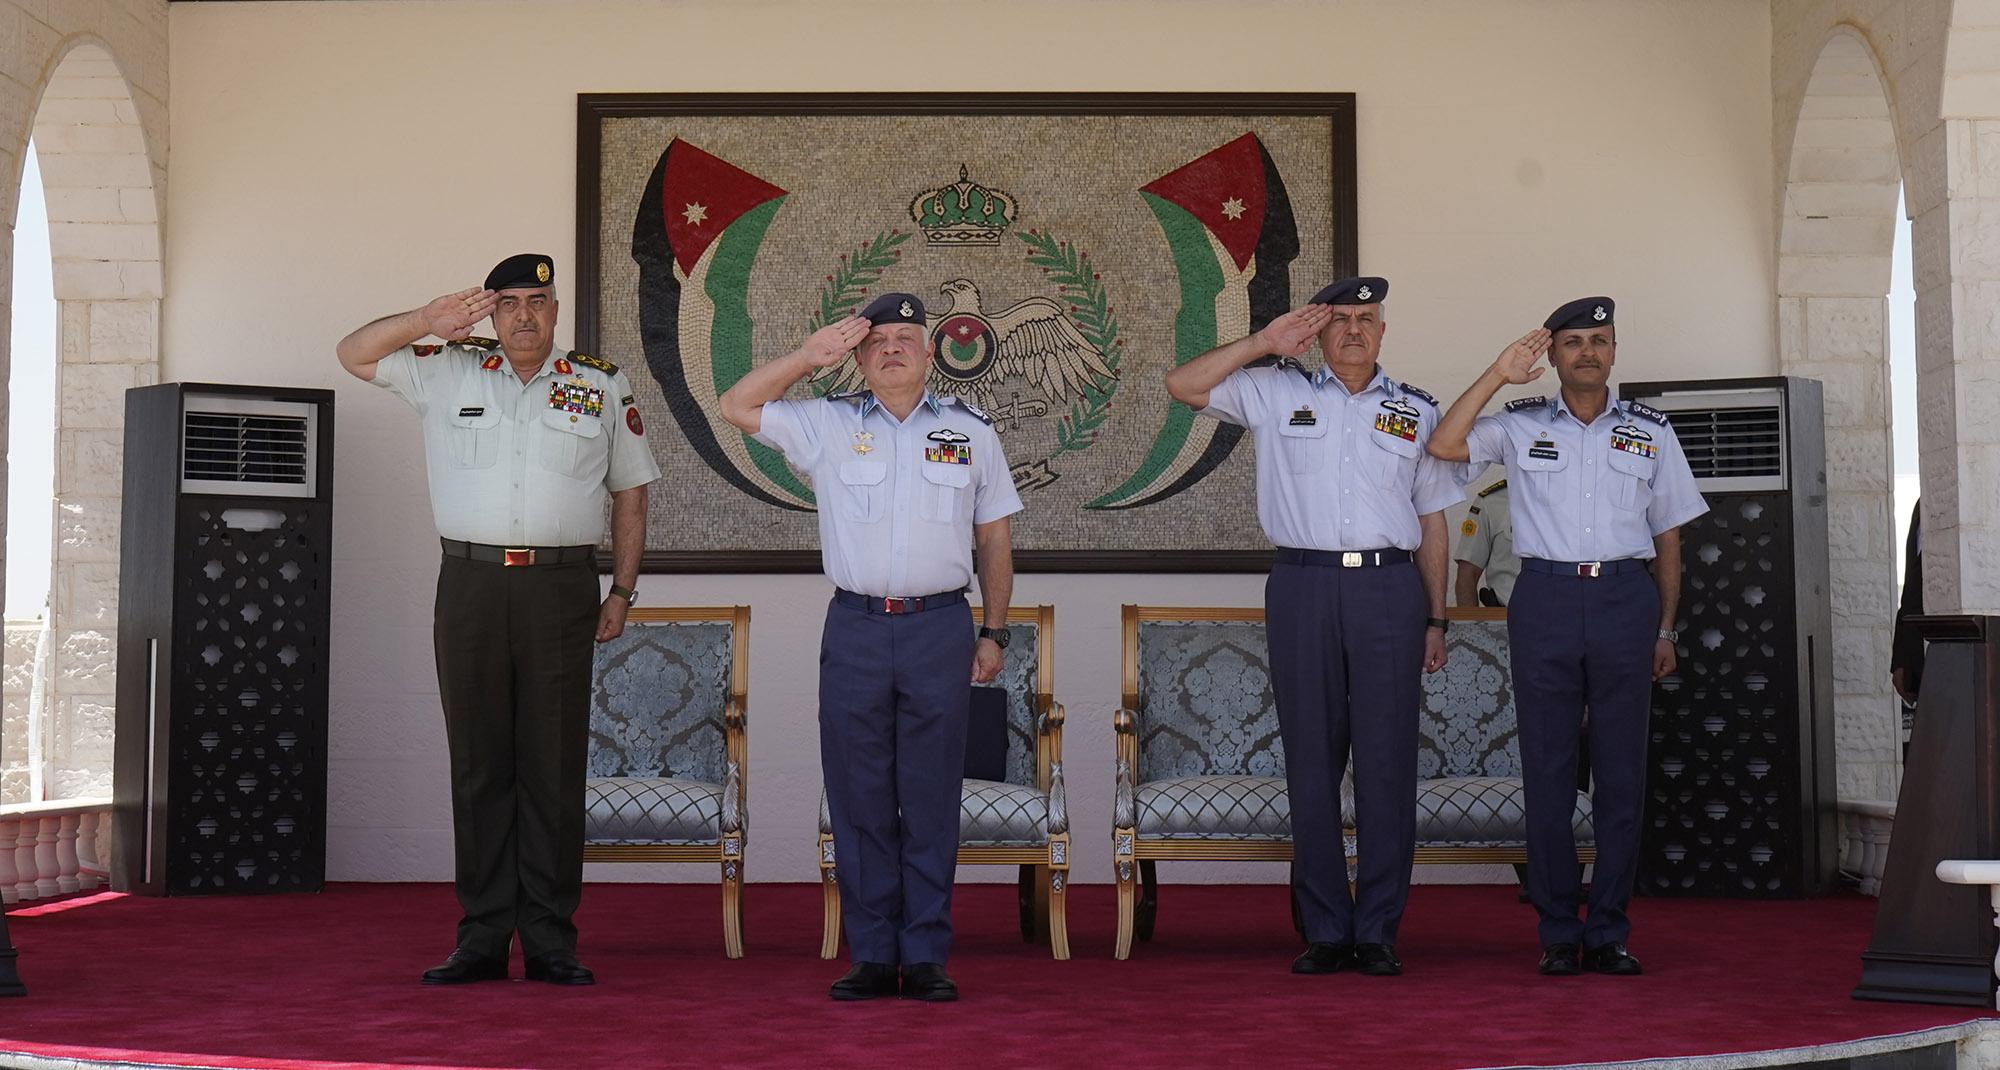 جلالة الملك عبدالله الثاني يرعى حفل تخريج دورة مرشحي الطيران